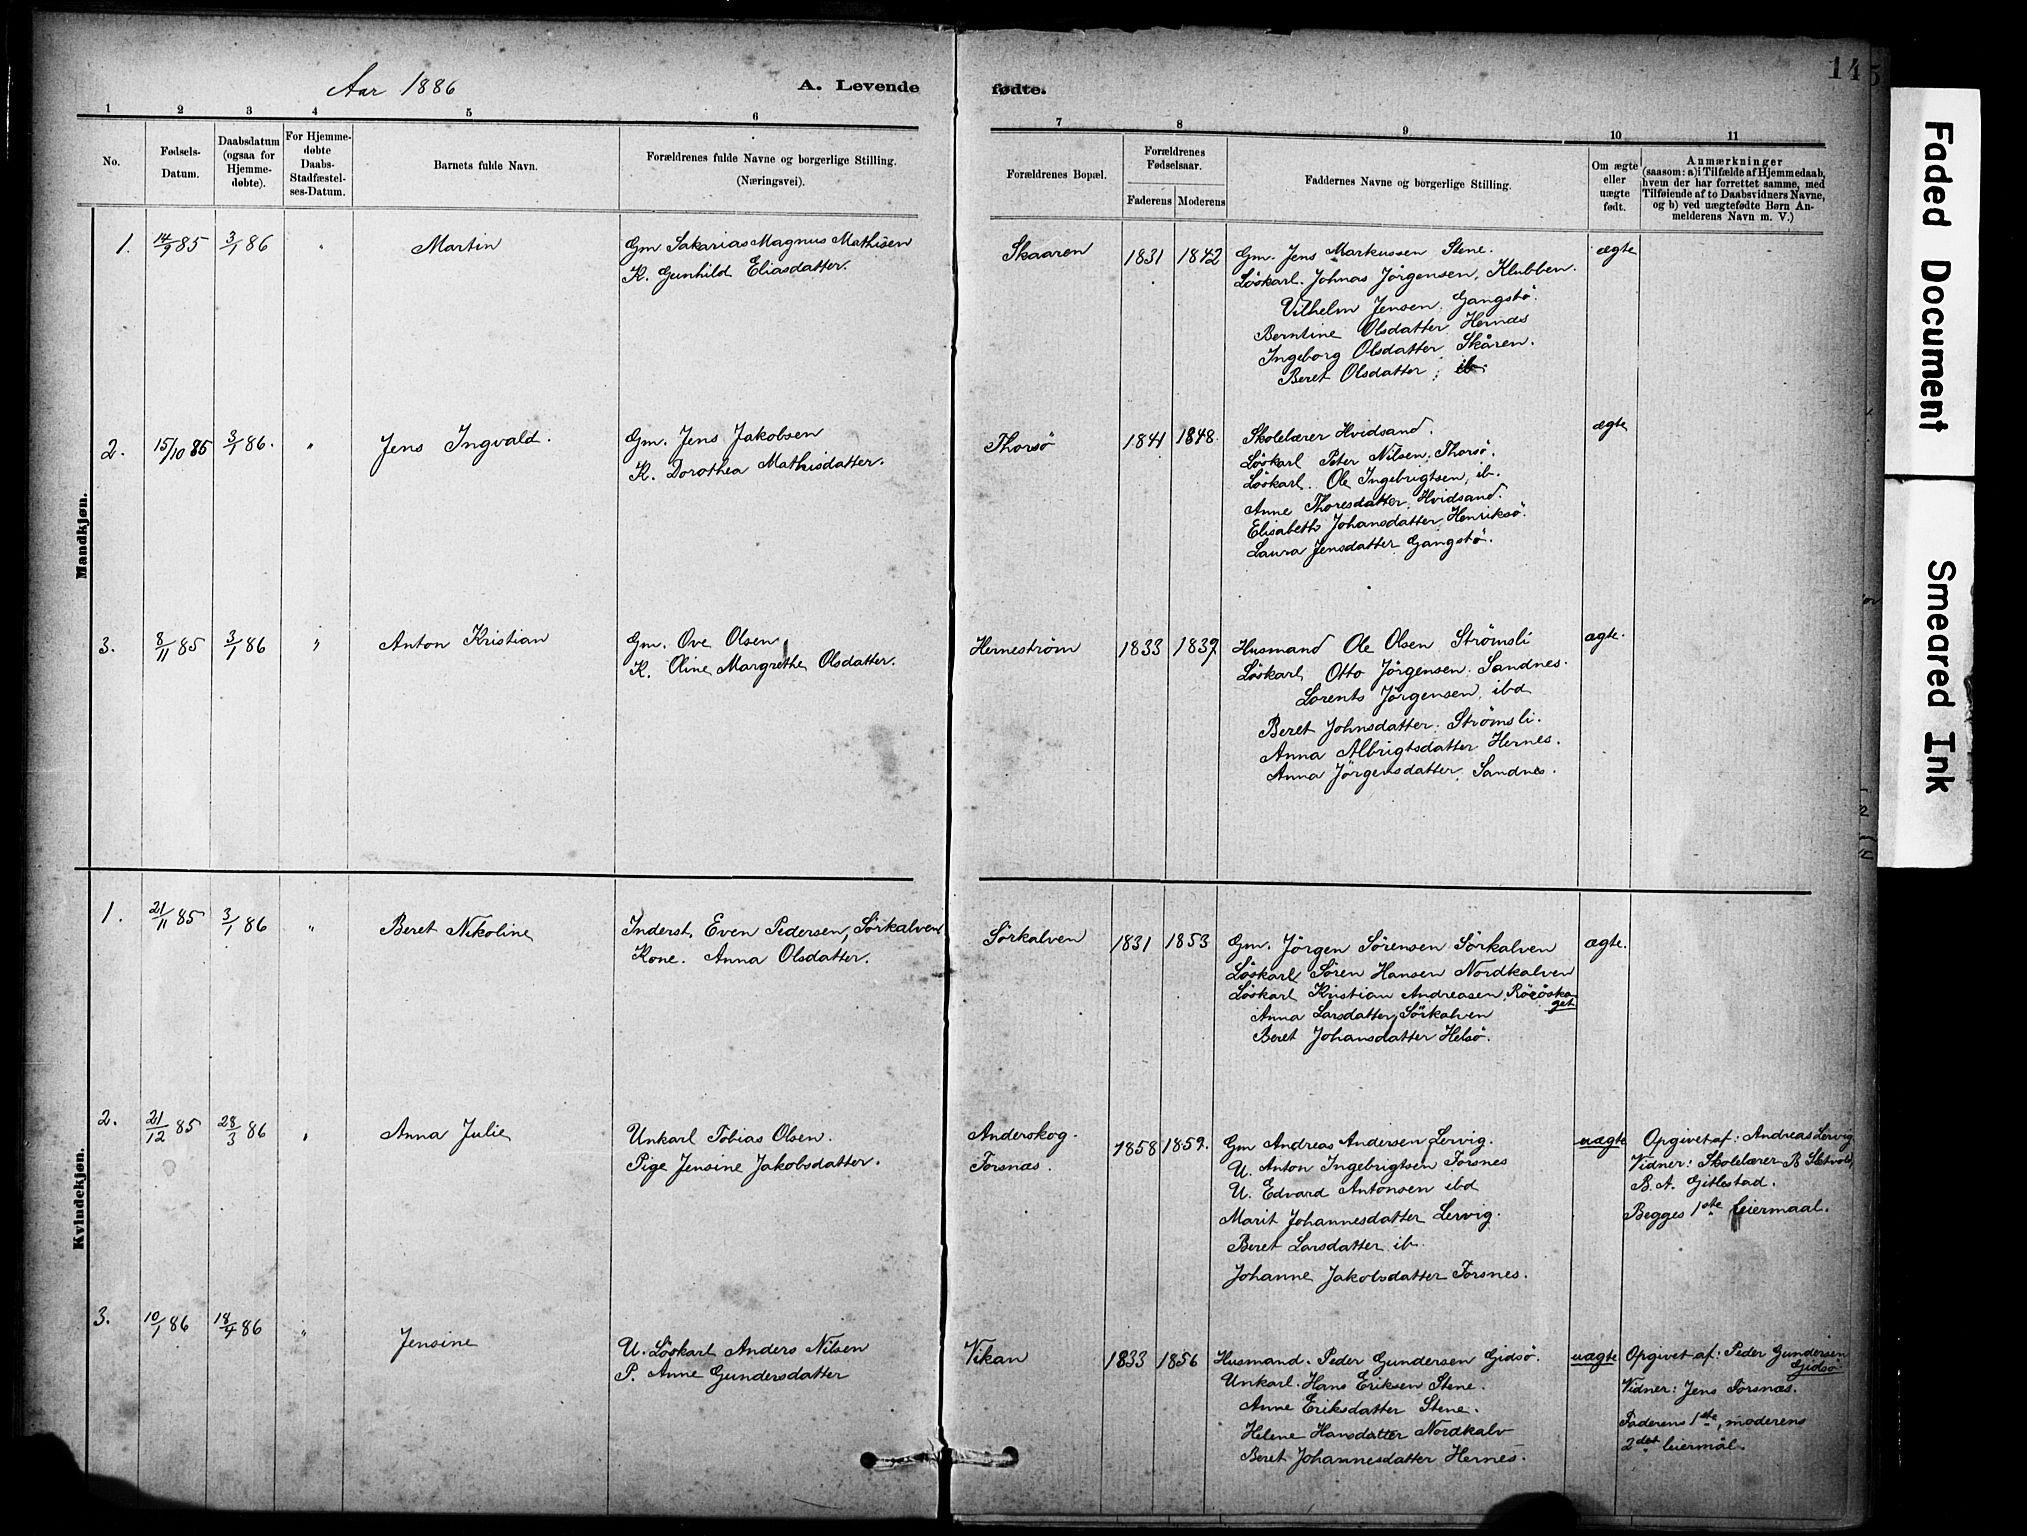 SAT, Ministerialprotokoller, klokkerbøker og fødselsregistre - Sør-Trøndelag, 635/L0551: Ministerialbok nr. 635A01, 1882-1899, s. 14